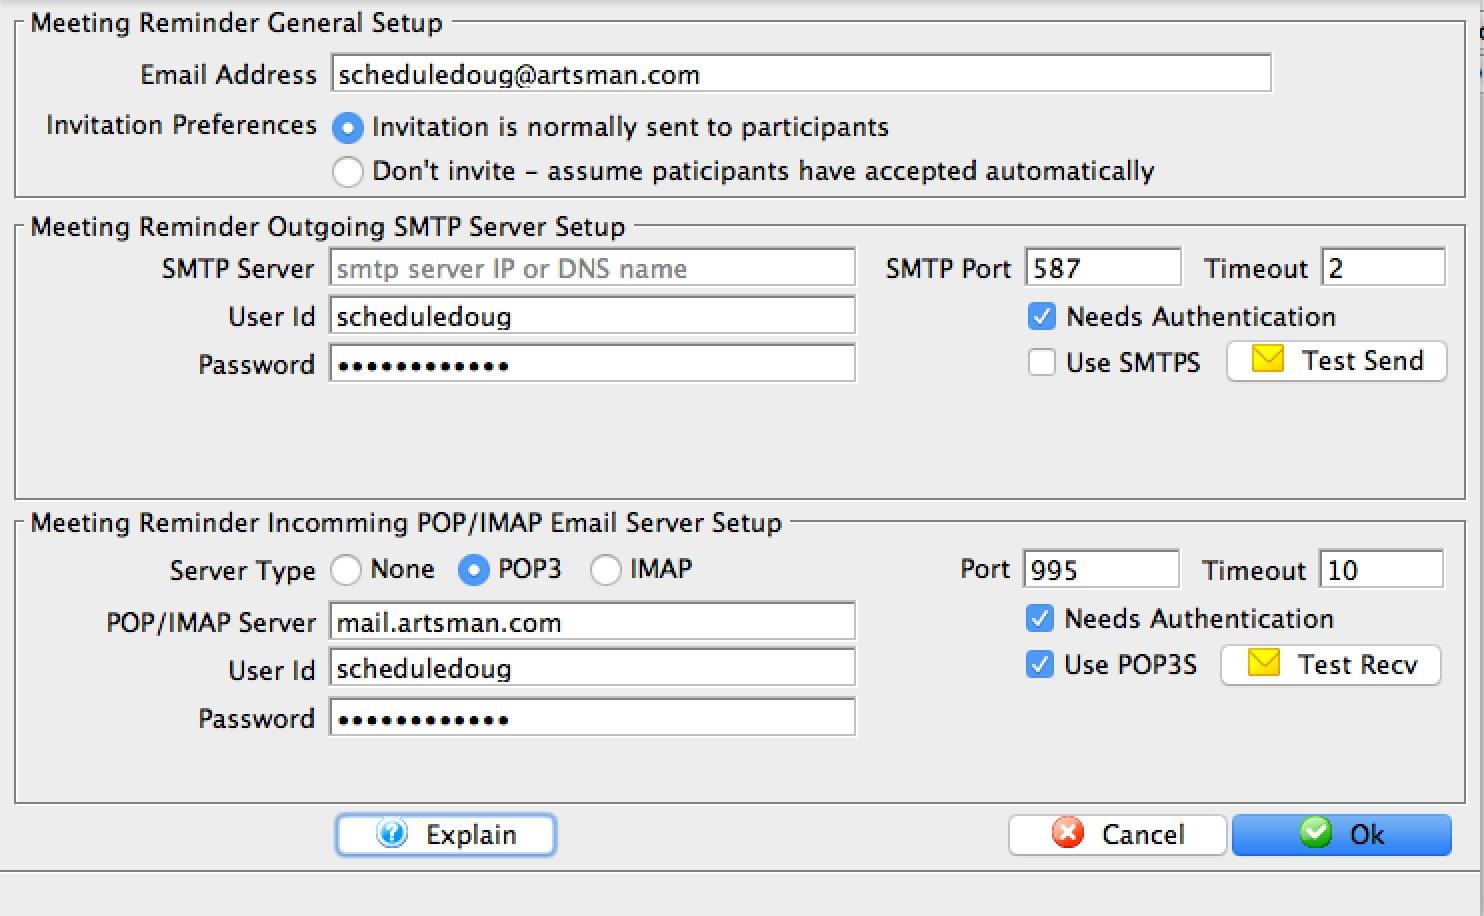 meeting reminder email setup